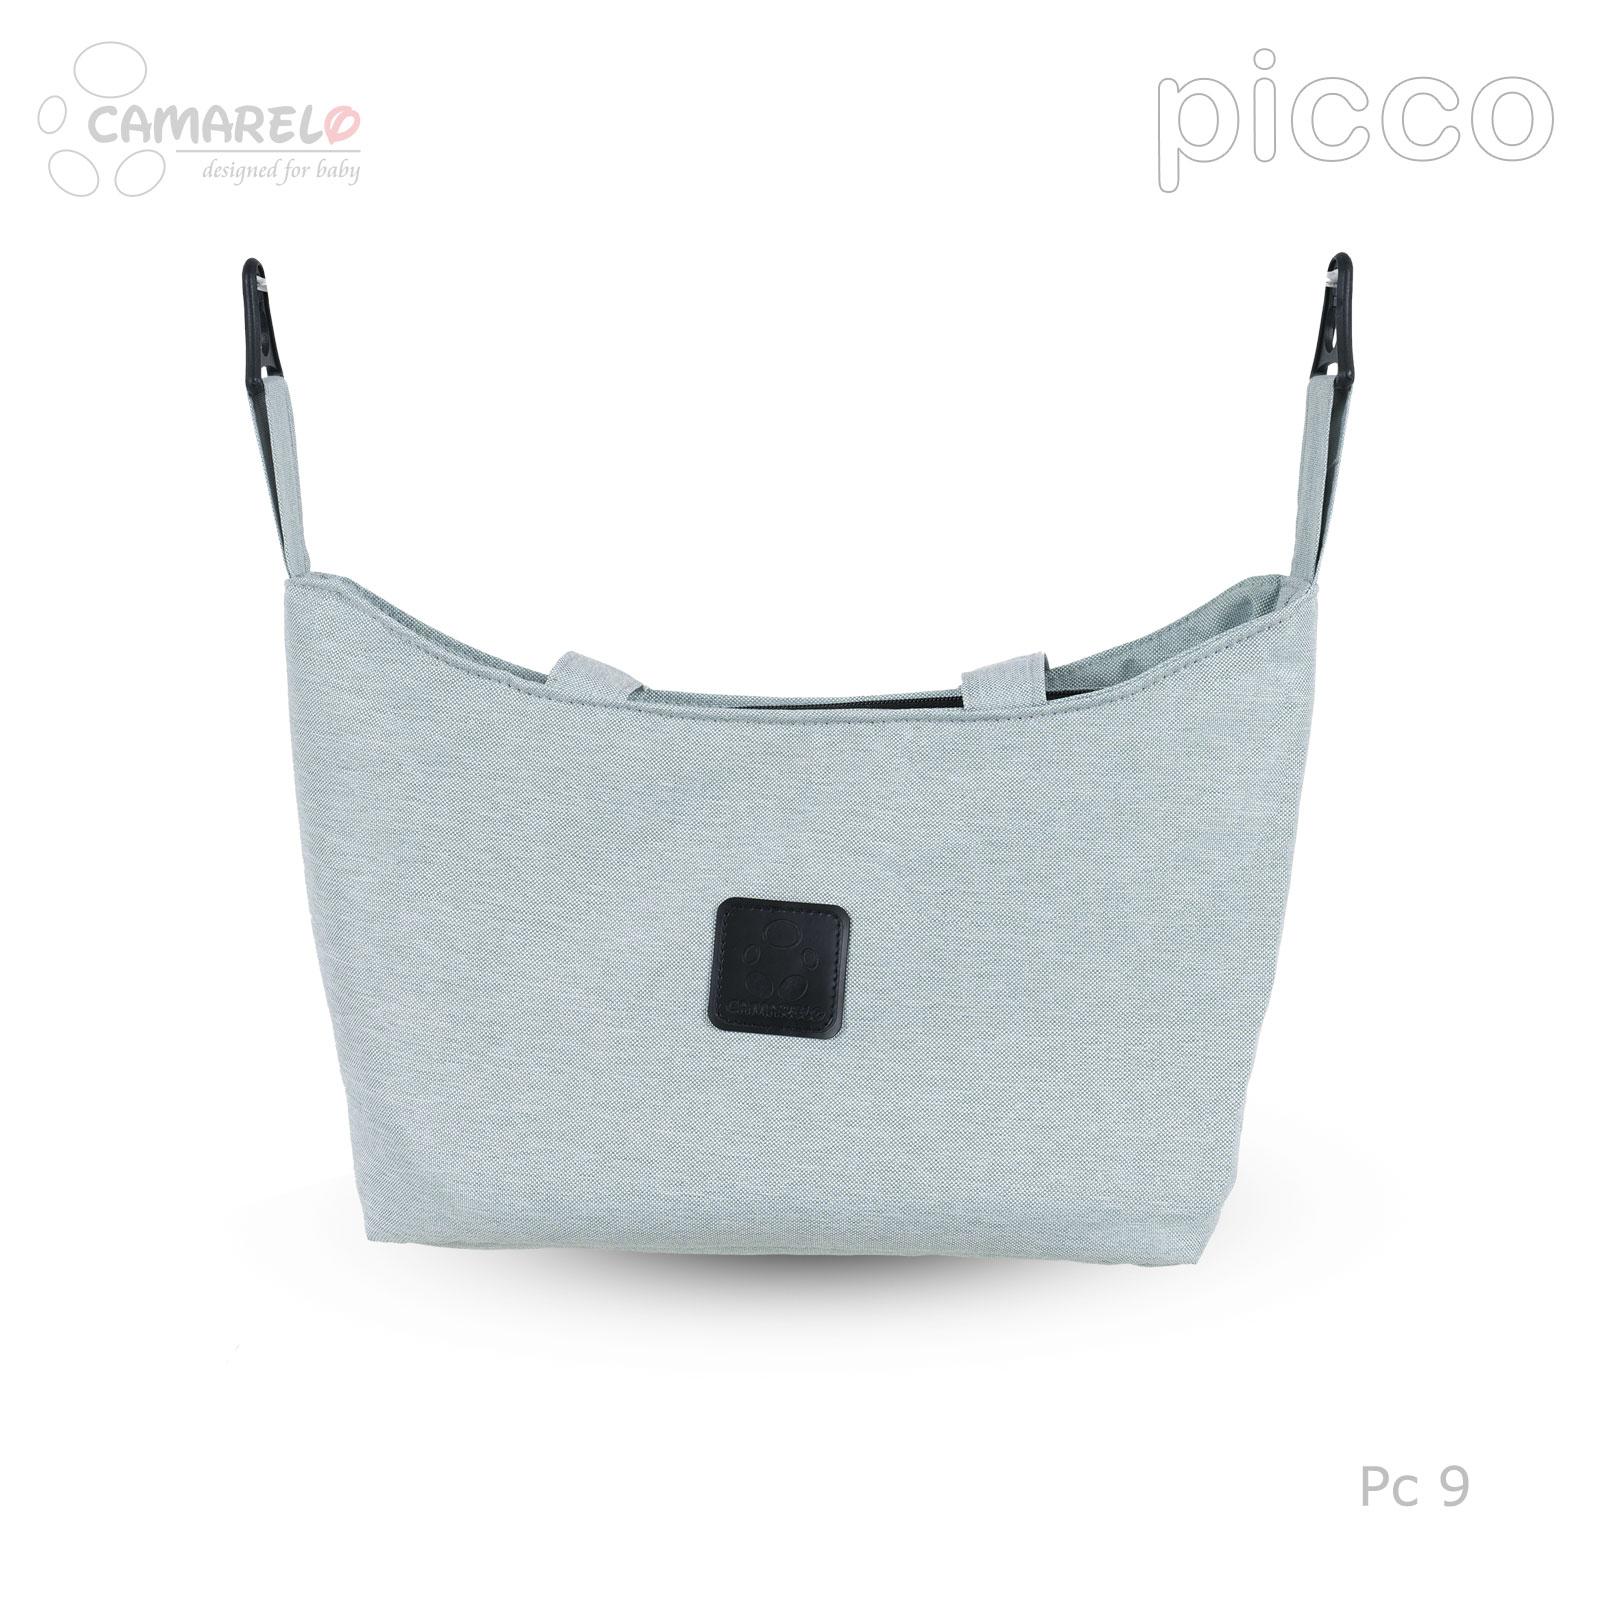 Picco-09-10